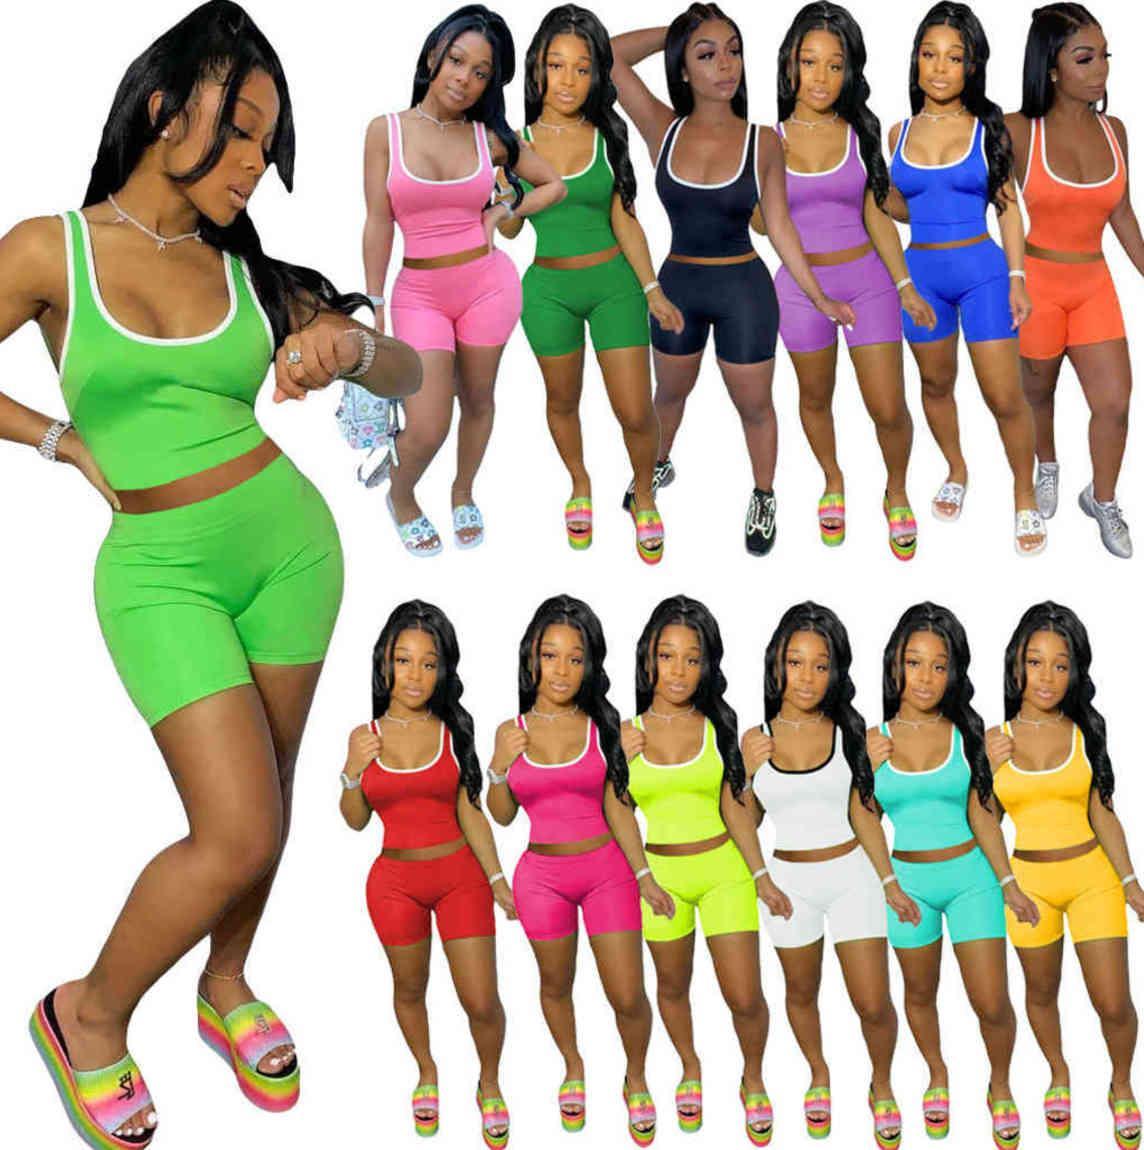 Летние Женщины Scestsuits 2 Шт. Набор Sportswear Shorts Outfits Сексуальный Сплошной Цвет Жилет Шорты Спортивная одежда Slimt-Рубашка Короткие Брюки бесплатно DHL 1108